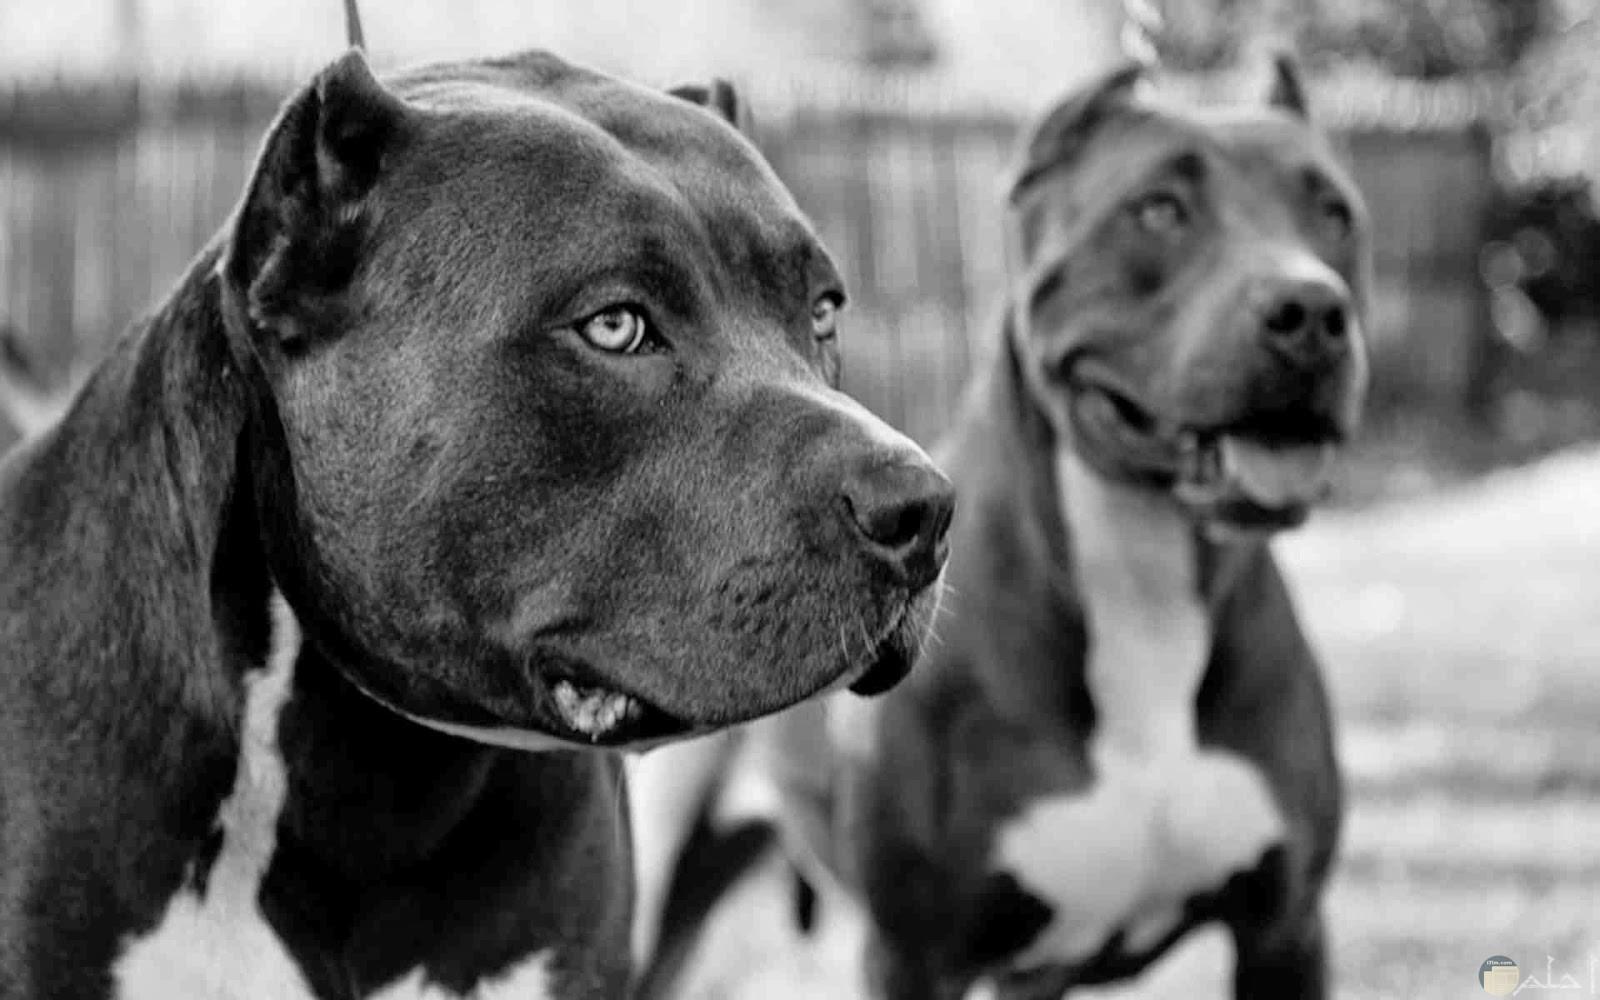 زوجين من الكلاب القوية المفترسة.